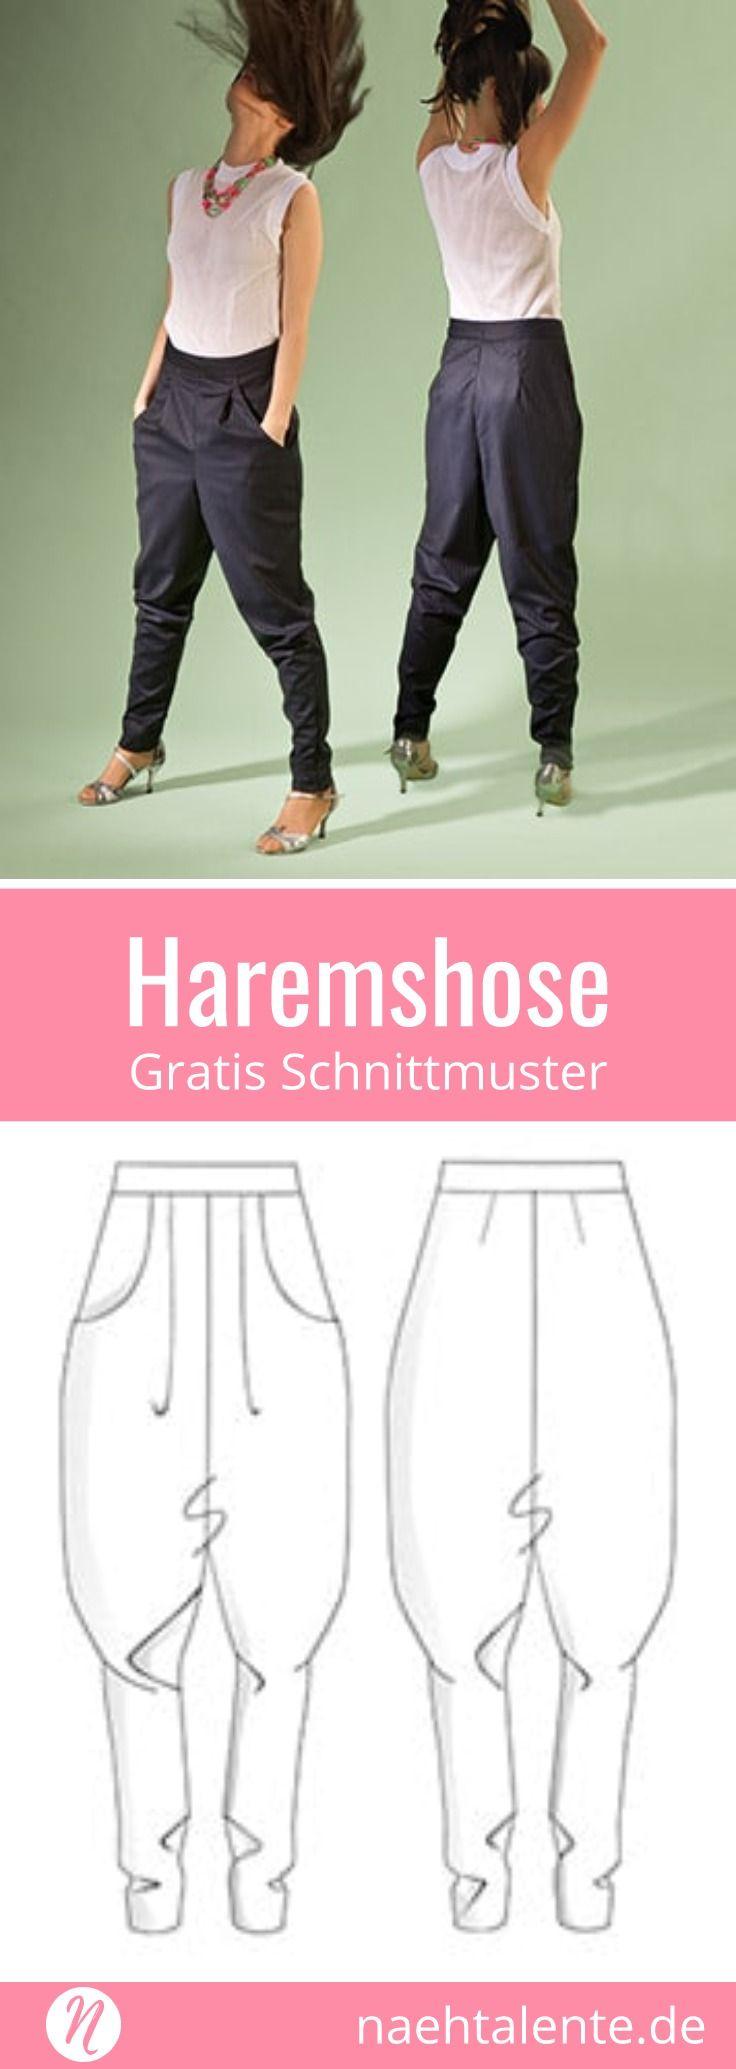 Haremshose für Damen | Le quotidien, Essayer et Projet